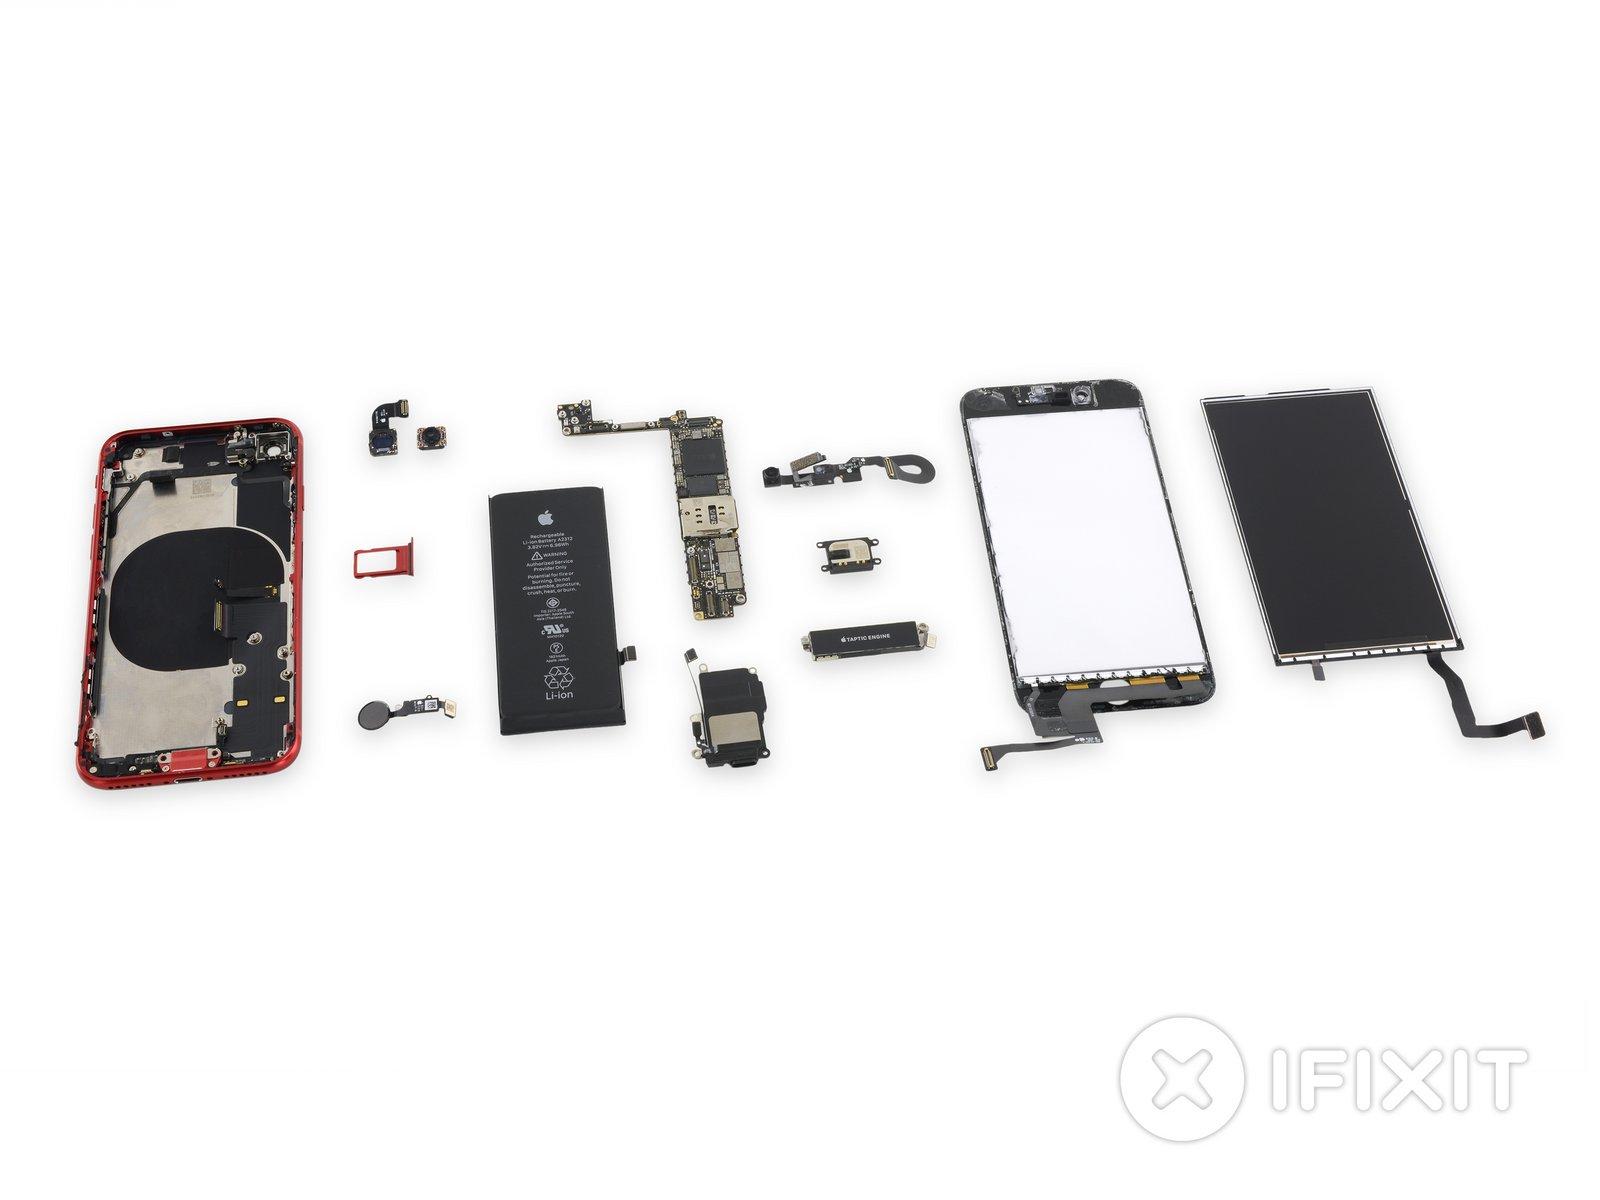 iPhone SE 2020 oraz iPhone 8 mają wiele wspólnego - porównanie użytych części 22